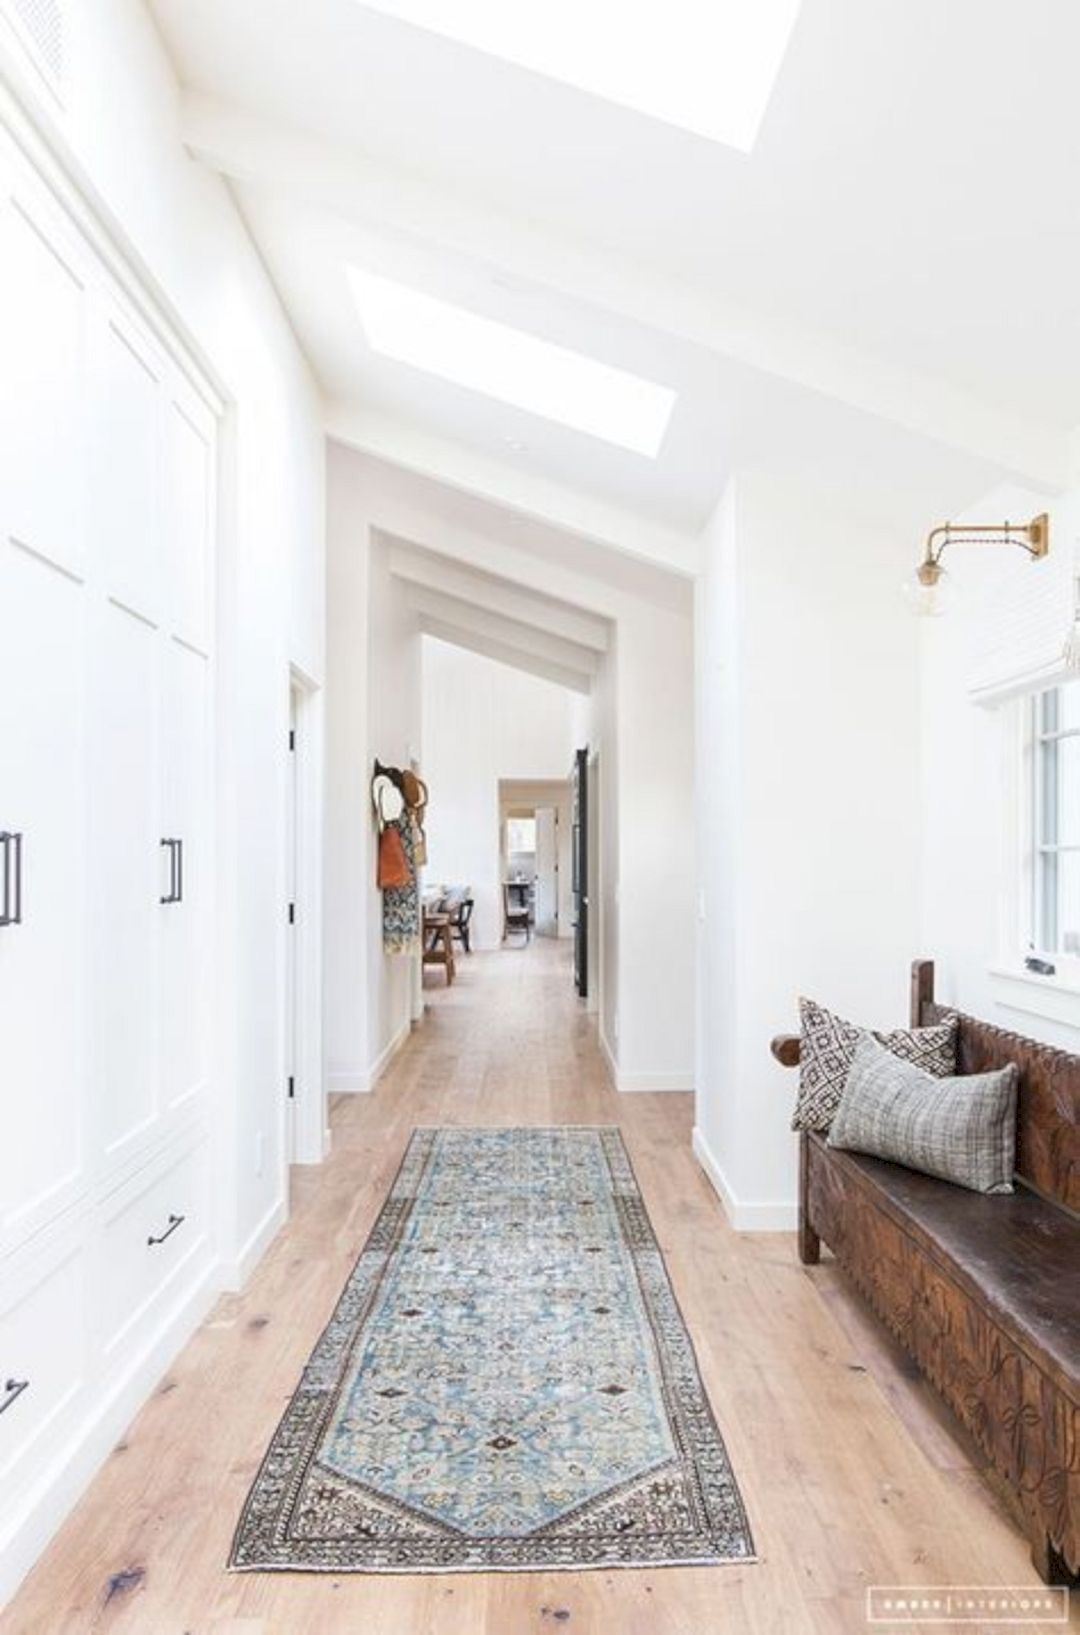 Merveilleux Stunning Modern Home Decor Ideas Https://www.futuristarchitecture.com/23369